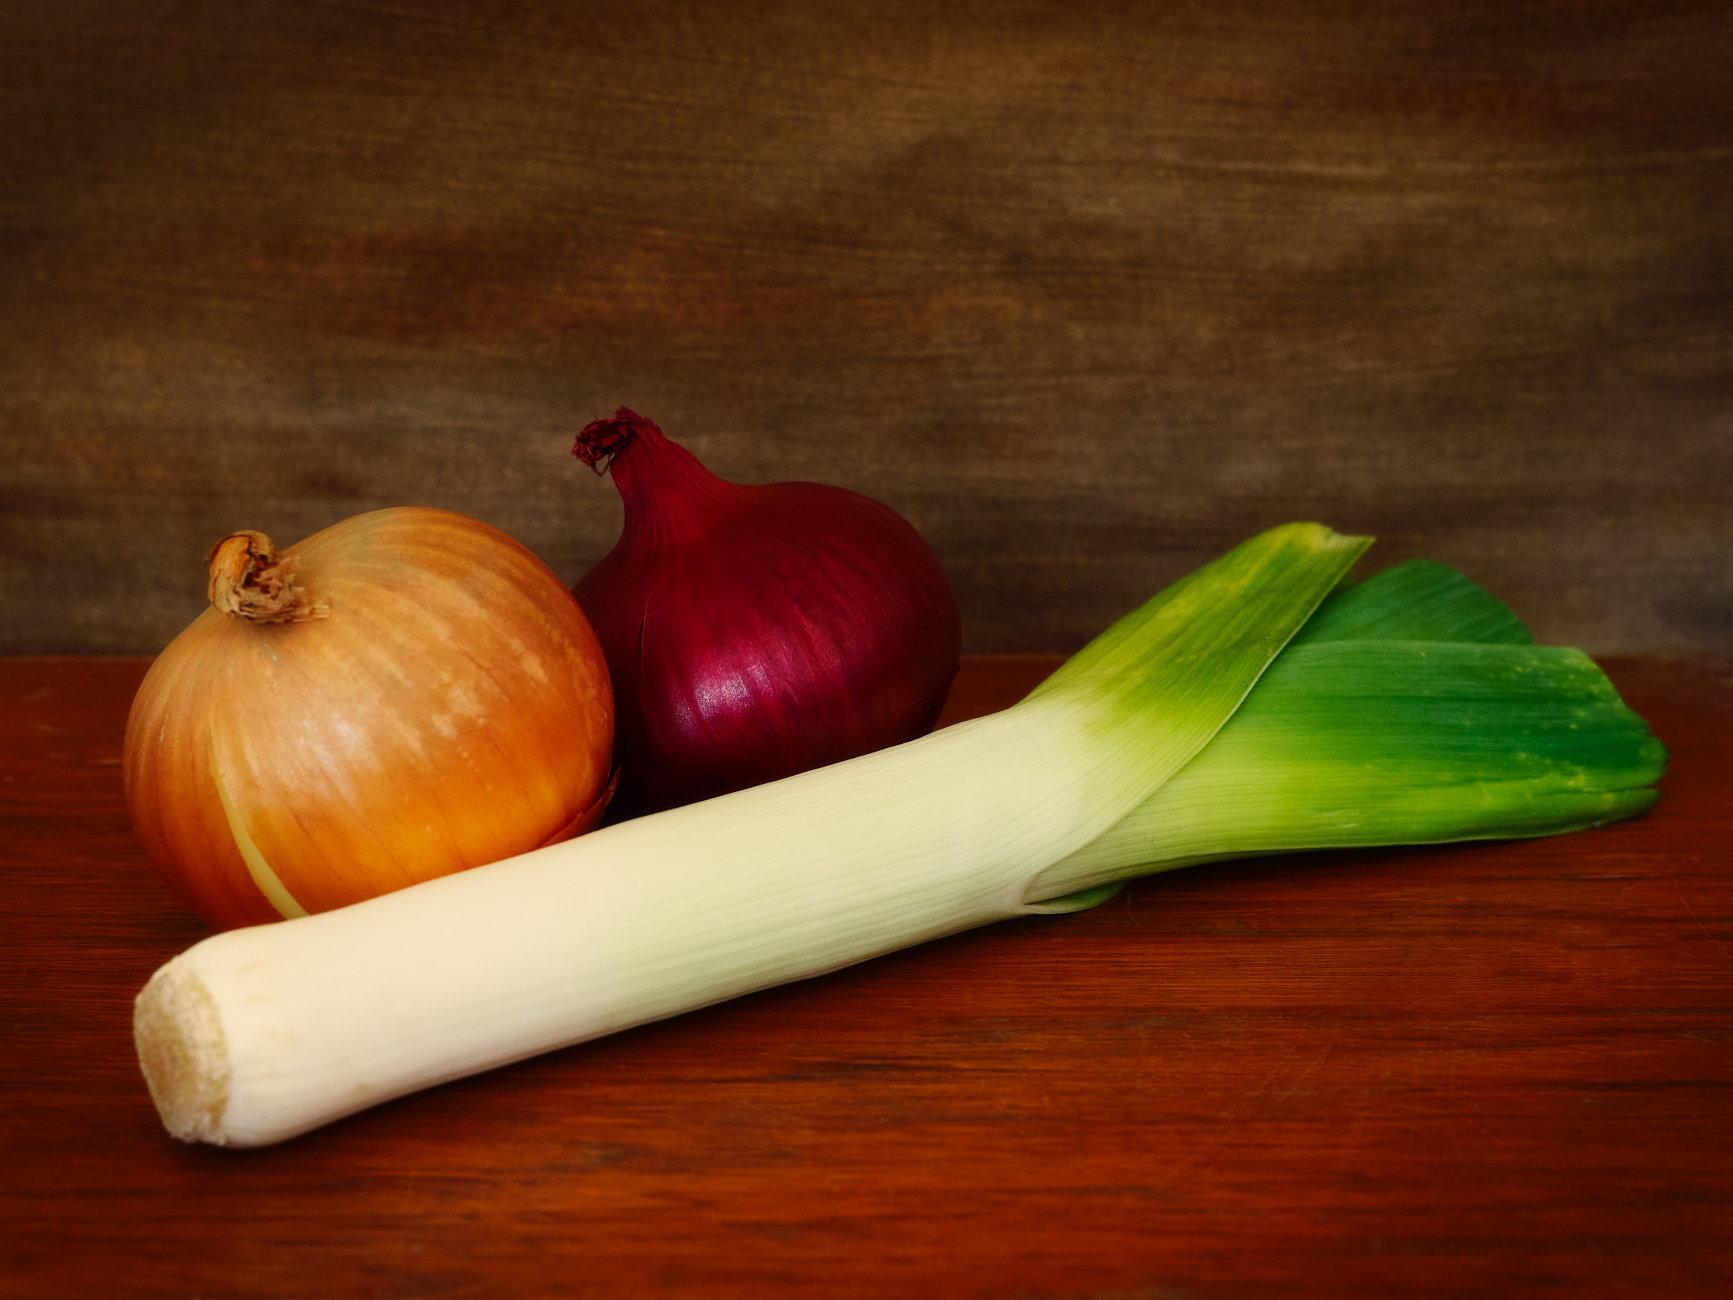 Leek and Onions